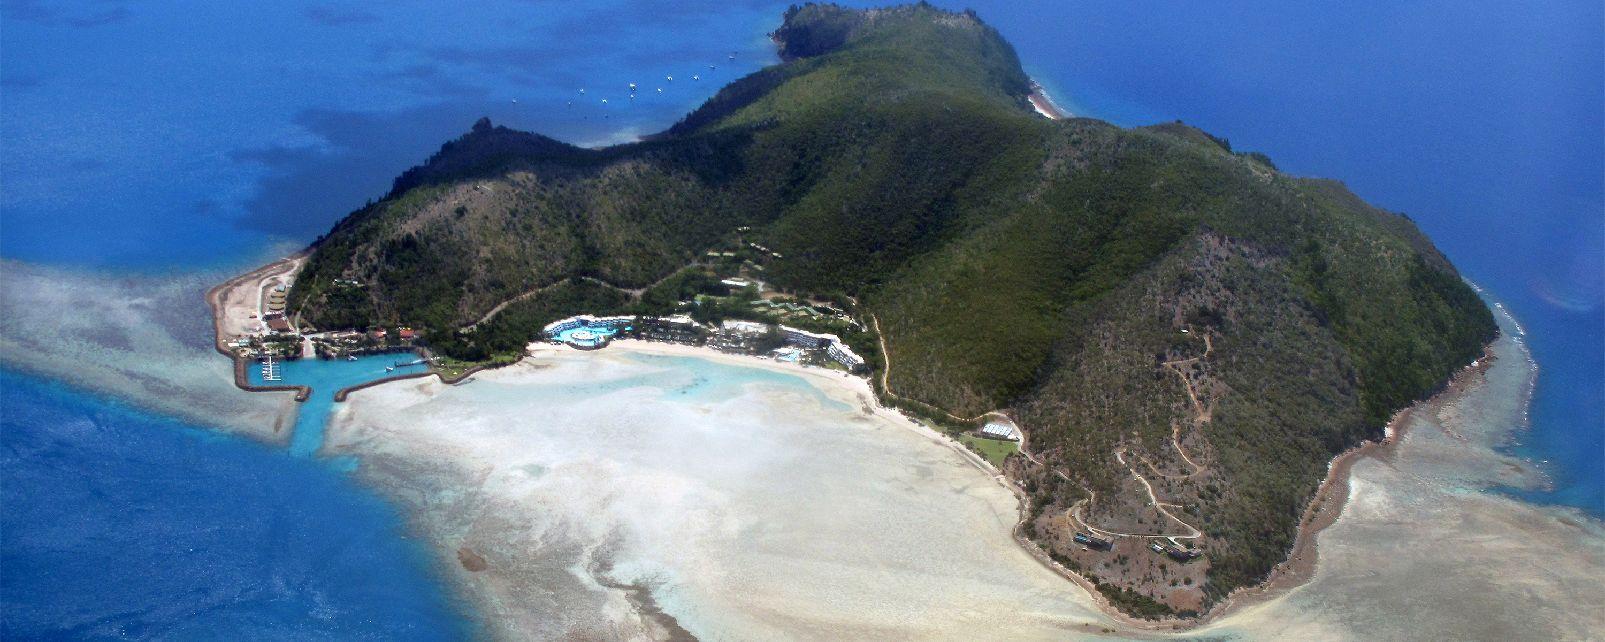 Hôtel One&Only Hayman Island